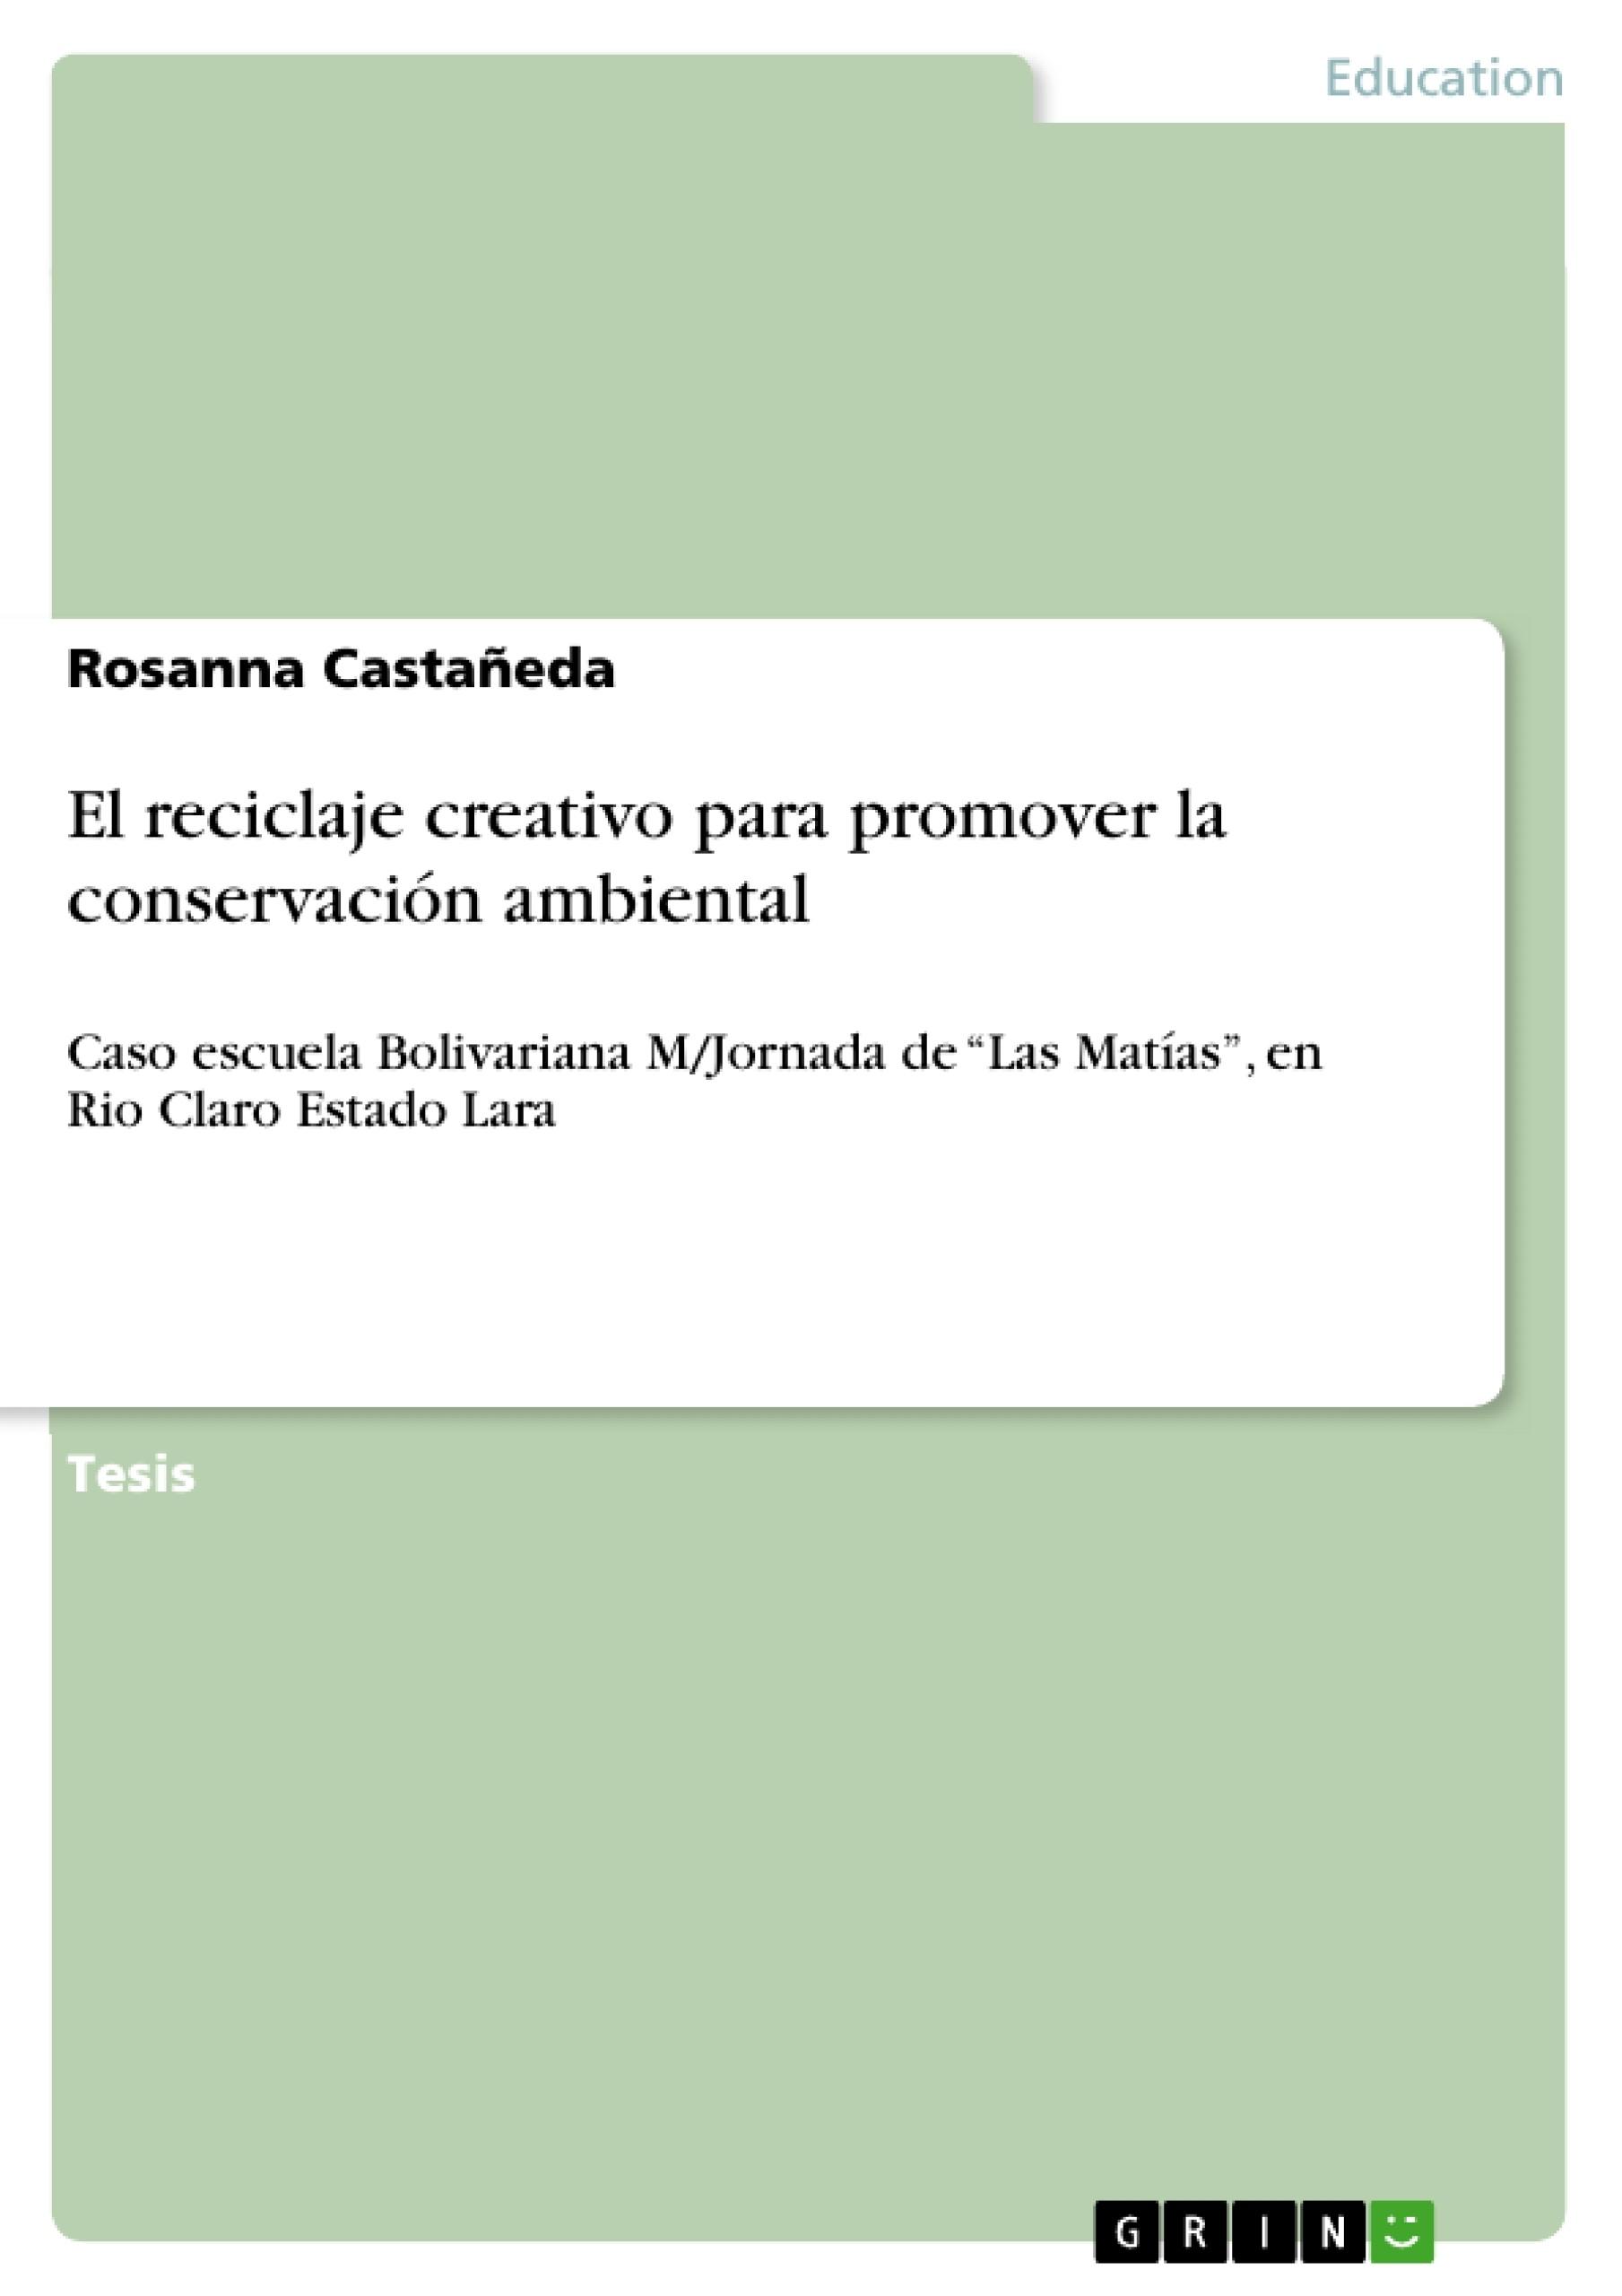 Título: El reciclaje creativo para promover la conservación ambiental